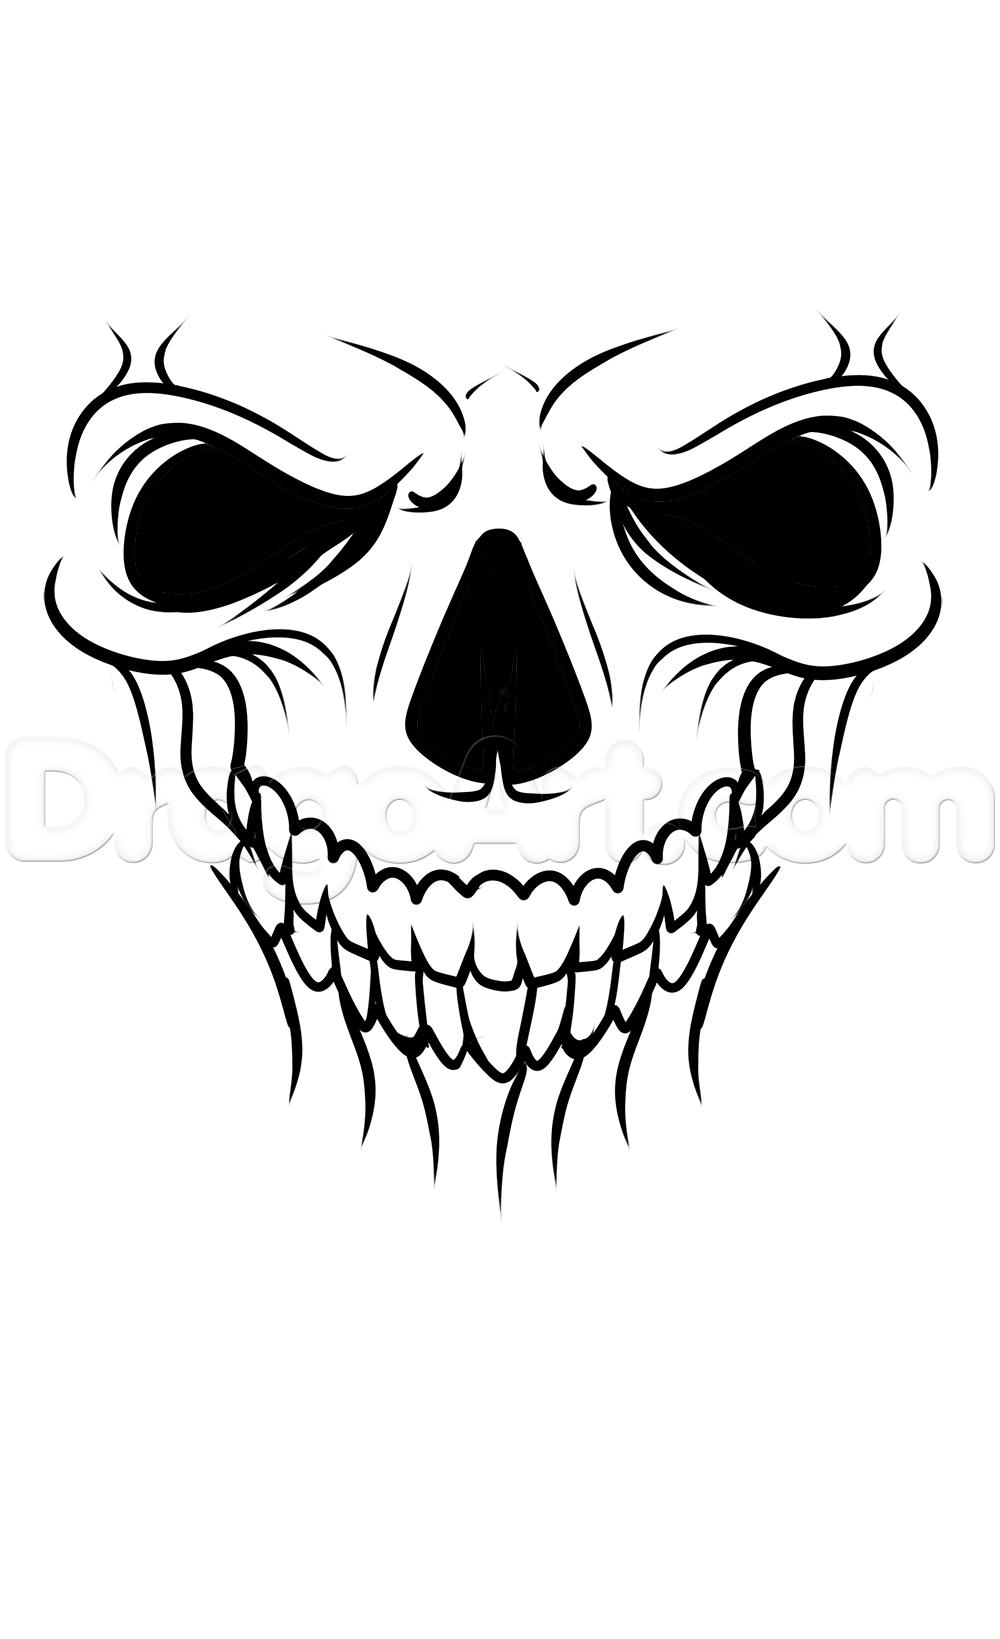 A Skull Tattoo Drawing Tutorial by Dawn Tattoo drawings